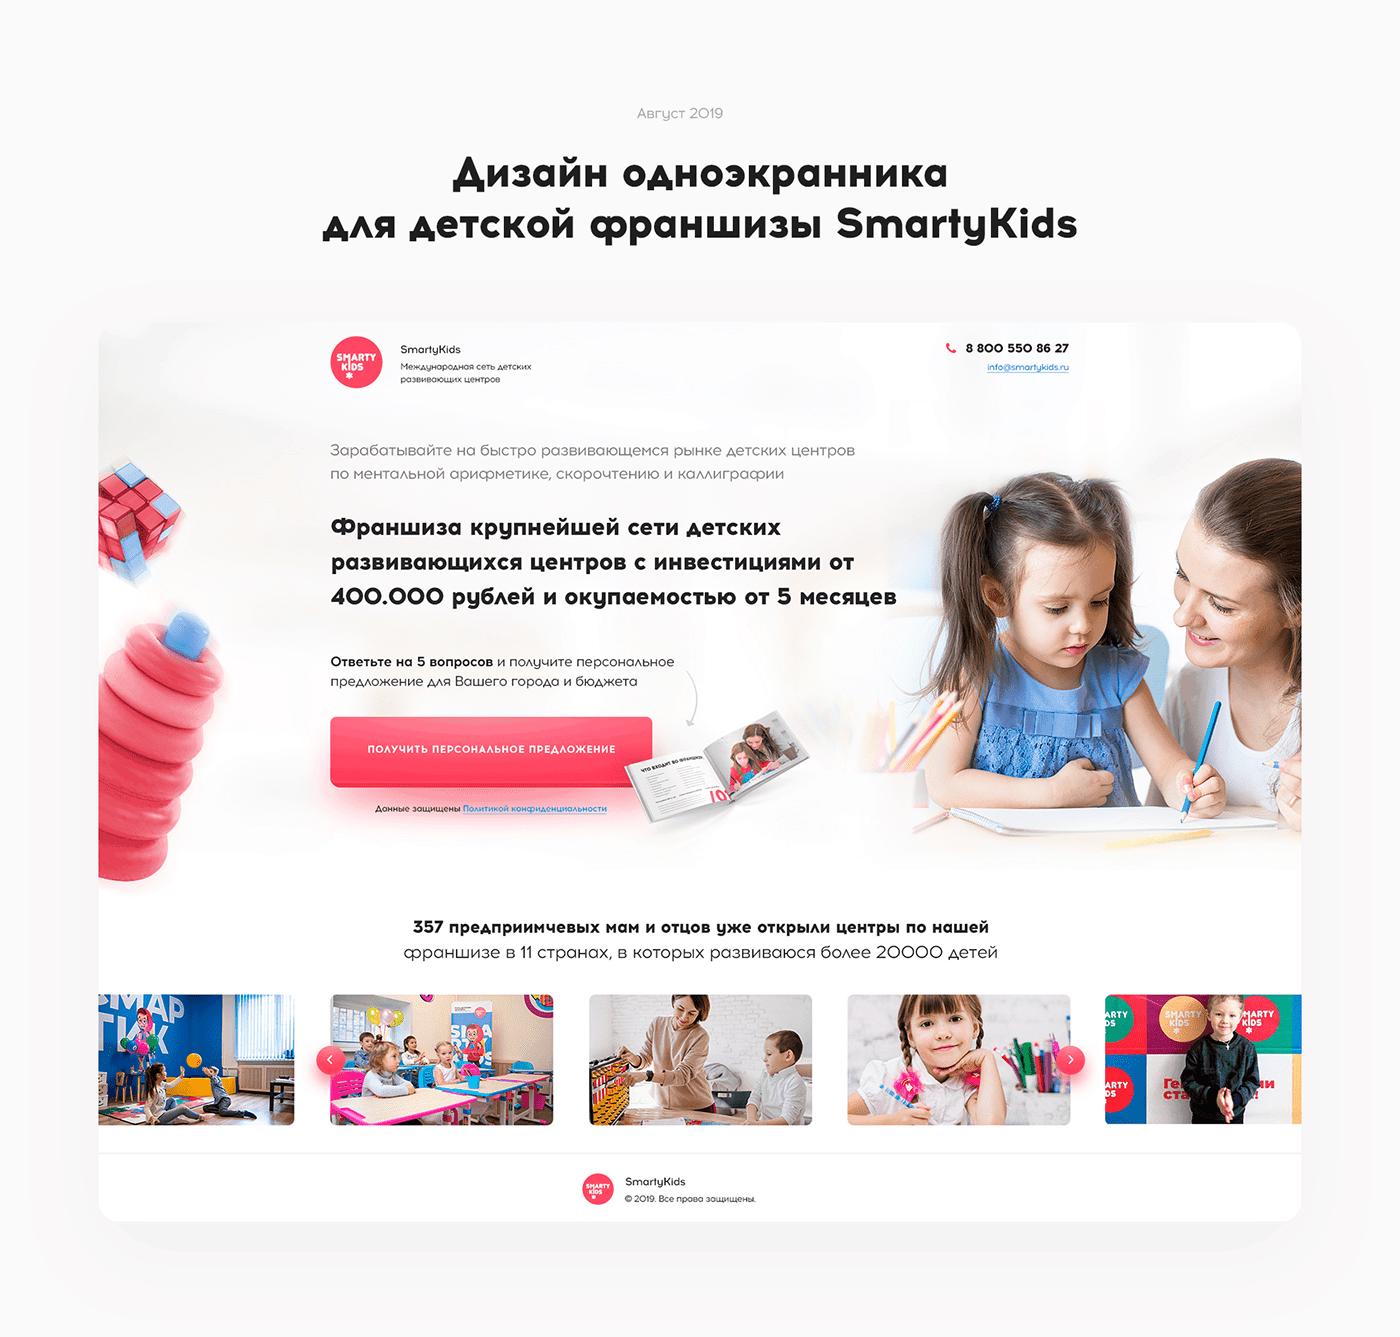 Кейс. Лендинг для детской франшизы SmartyKids. Пасмедиа